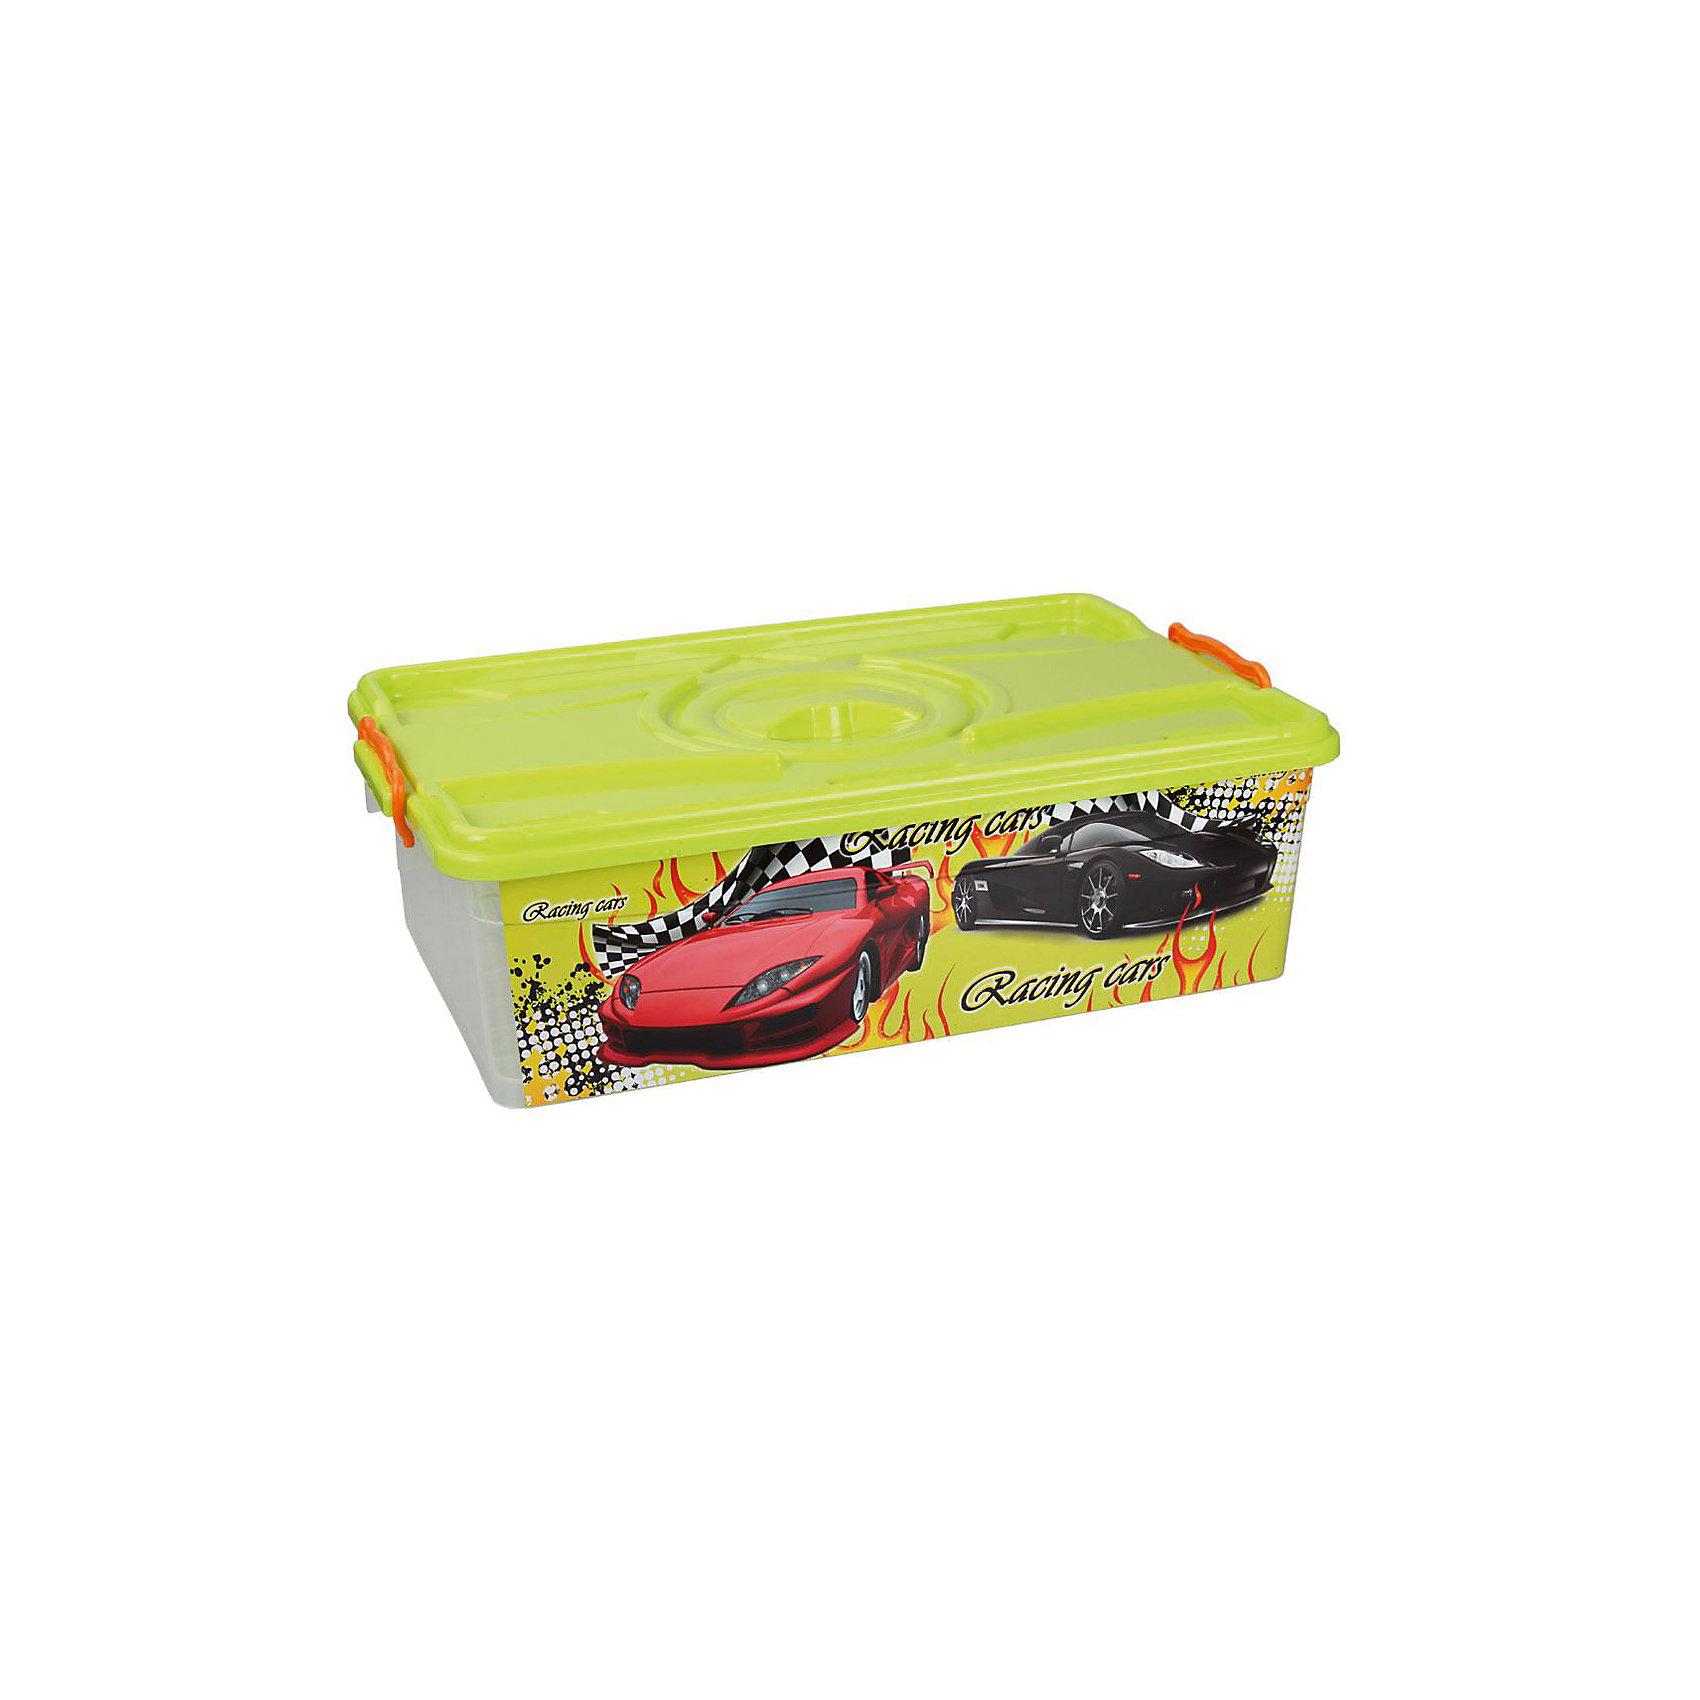 Контейнер Формула-2 30л с крышкой, AlternativaХарактеристики:<br><br>• Предназначение: для хранения игрушек<br>• Материал: пластик<br>• Цвет: желтый, красный, черный, серый<br>• Размер (Д*Ш*В): 61*38,5*18 см<br>• Вместимость (объем): 30 л<br>• Форма: прямоугольный<br>• Наличие крышки <br>• Особенности ухода: разрешается мыть теплой водой<br><br>Контейнер Формула-2 30 л с крышкой, Alternativa изготовлен отечественным производителем ООО ЗПИ Альтернатива, который специализируется на выпуске широкого спектра изделий из пластика. <br>Контейнер выполнен из экологически безопасного пластика, устойчивого к механическим повреждениям, корпус оформлен ярким рисунком, в комплекте имеется крышка салатового цвета. Изделие позволит обеспечить не только порядок в комнате ребенка, но и станет ярким предметом интерьера. Контейнер Формула-2 30 л с крышкой, Alternativa вместительный, но при этом обладает легким весом.<br><br>Контейнер Формула-2 30 л с крышкой, Alternativa можно купить в нашем интернет-магазине.<br><br>Ширина мм: 600<br>Глубина мм: 385<br>Высота мм: 180<br>Вес г: 1458<br>Возраст от месяцев: 6<br>Возраст до месяцев: 84<br>Пол: Мужской<br>Возраст: Детский<br>SKU: 5096577